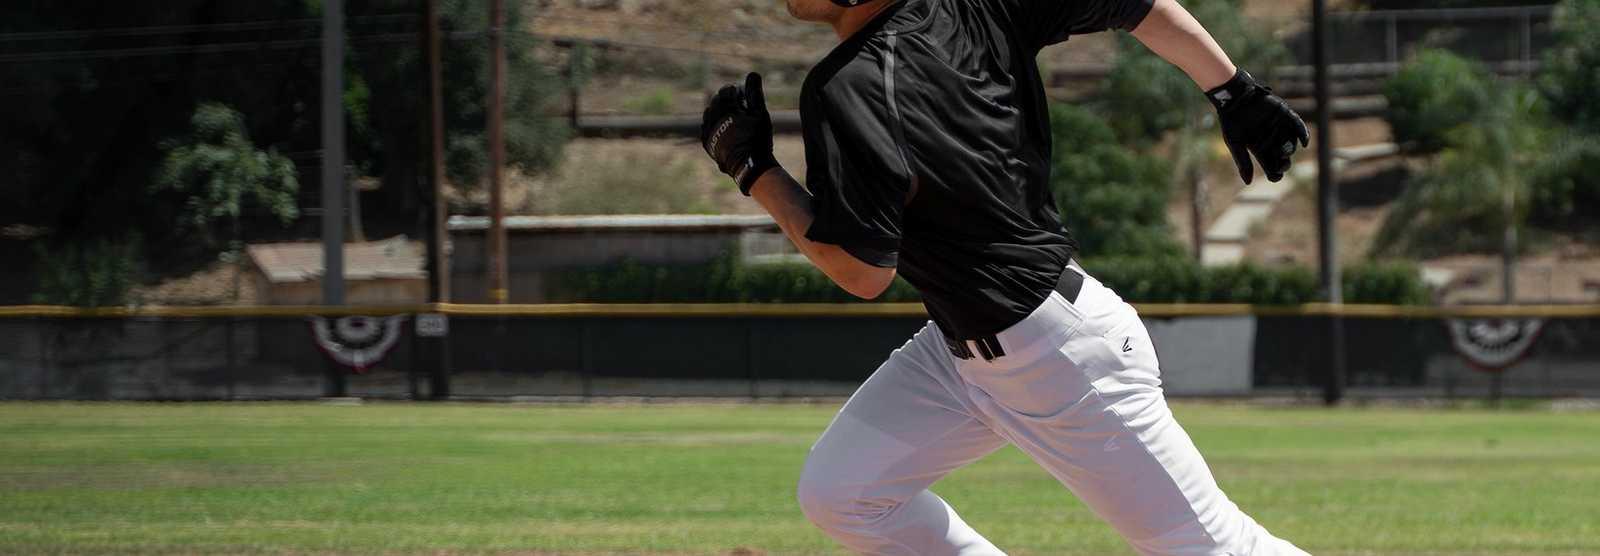 baseball_rival+_pants